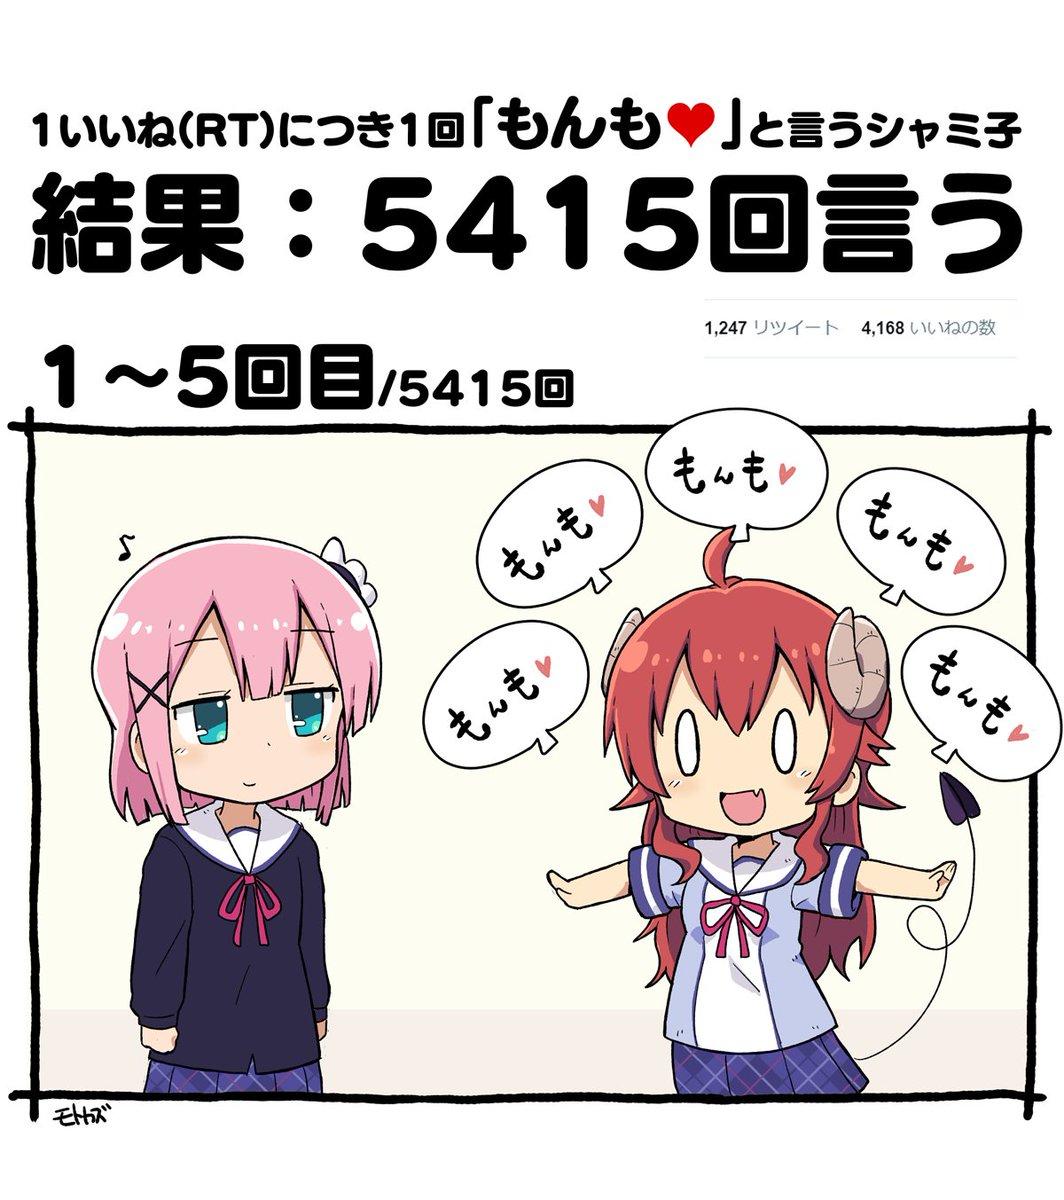 1いいね(RT)につき1回「もんも♥」と言うシャミ子 ↓結果↓5415回「もんも♥」を言うシャミ子